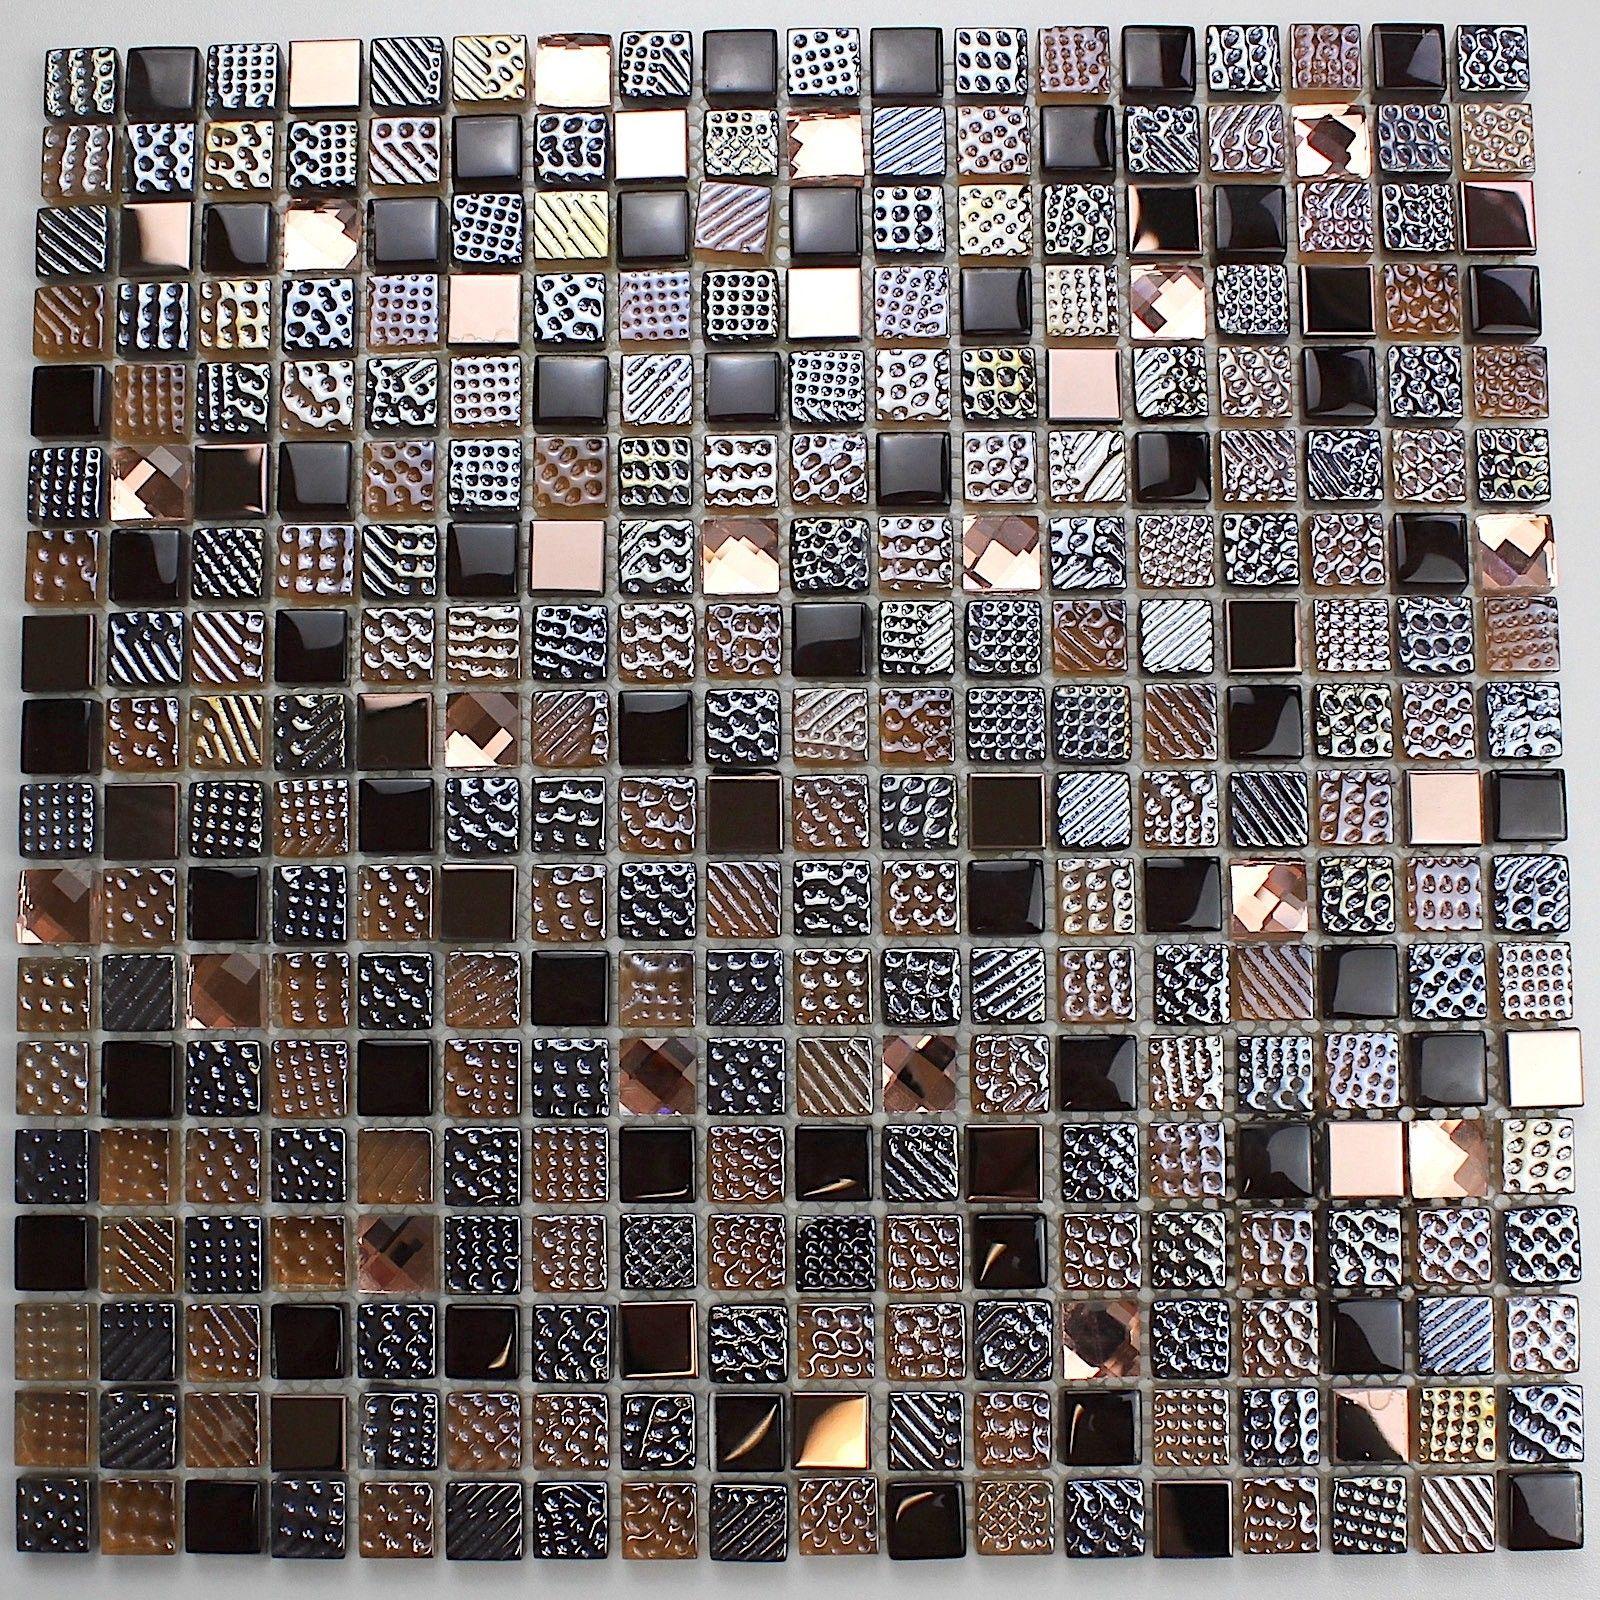 Mosaique En Verre Pour Douche Et Salle De Bain Mv Inesse Carrelage Mosaique Mosaique Salle De Bain Carrelage Mosaique Mosaique Douche